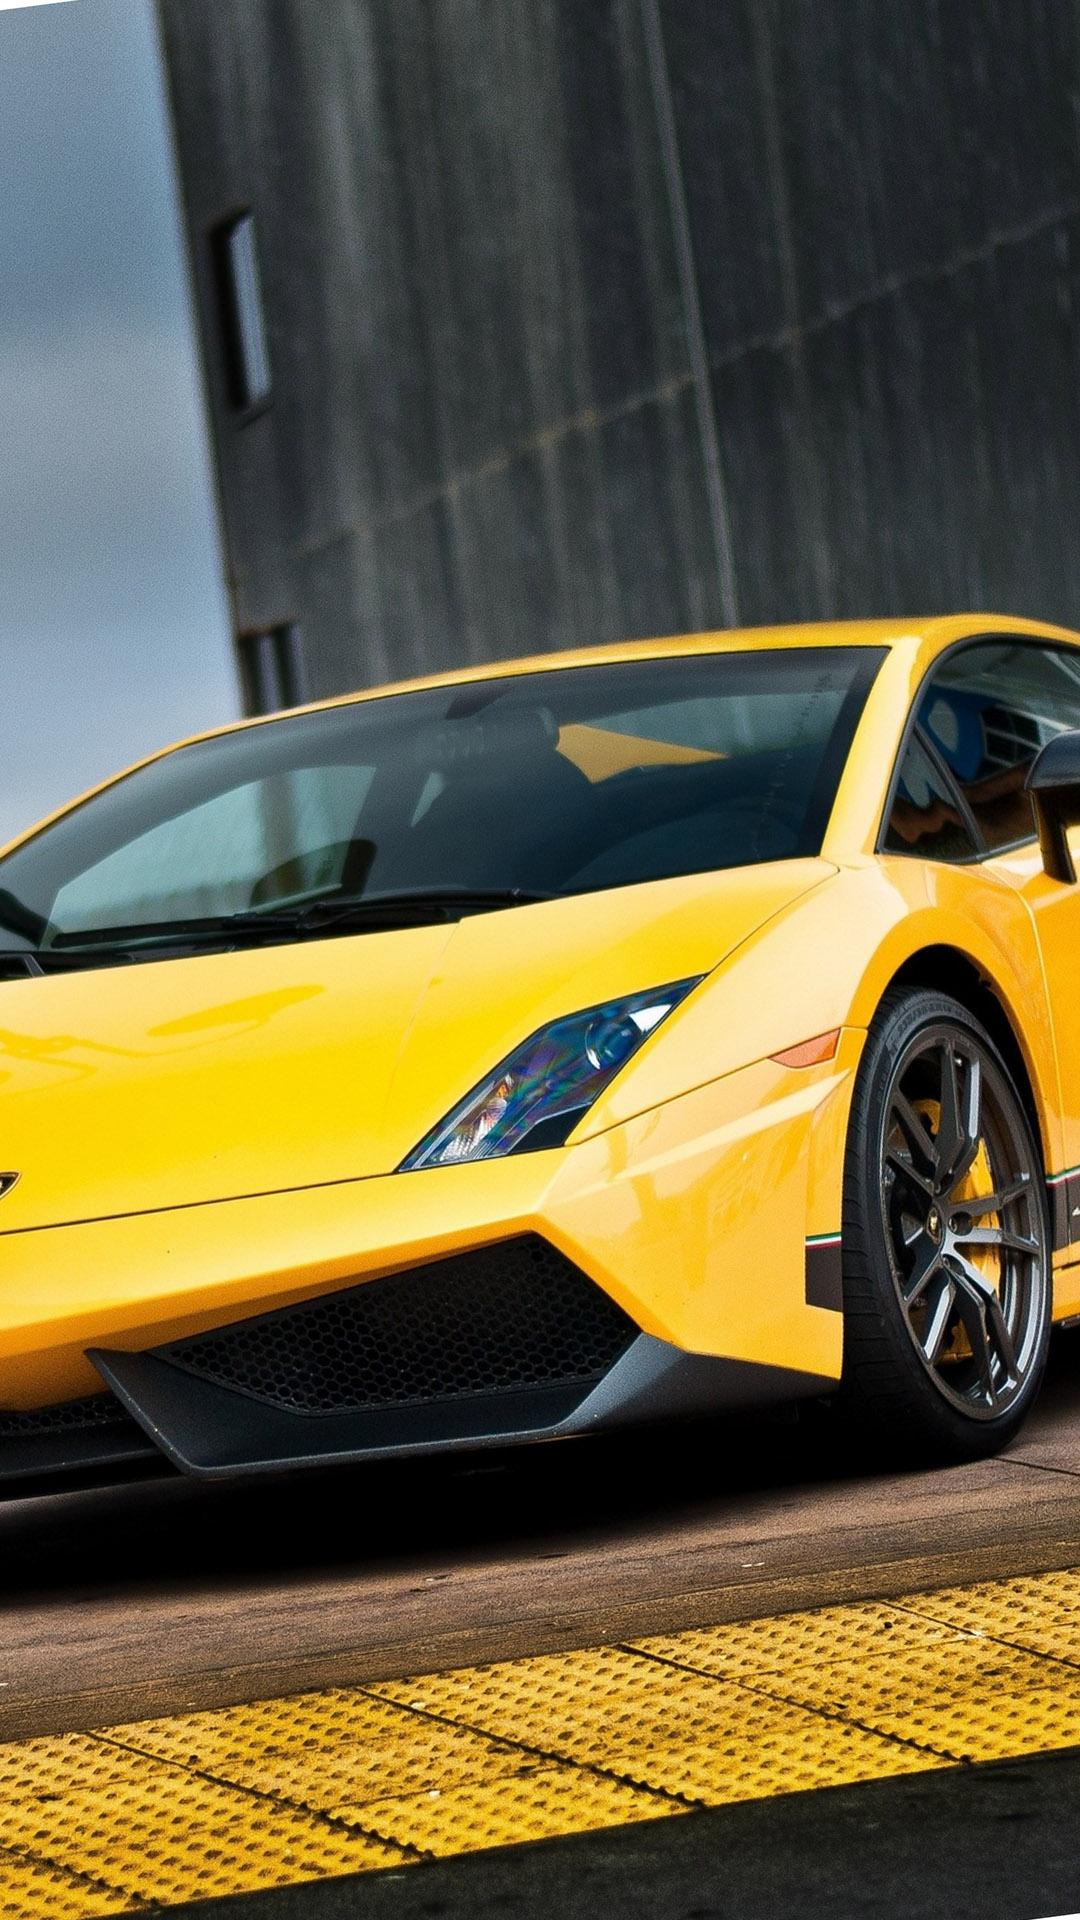 Fondo de pantalla con coche amarillo